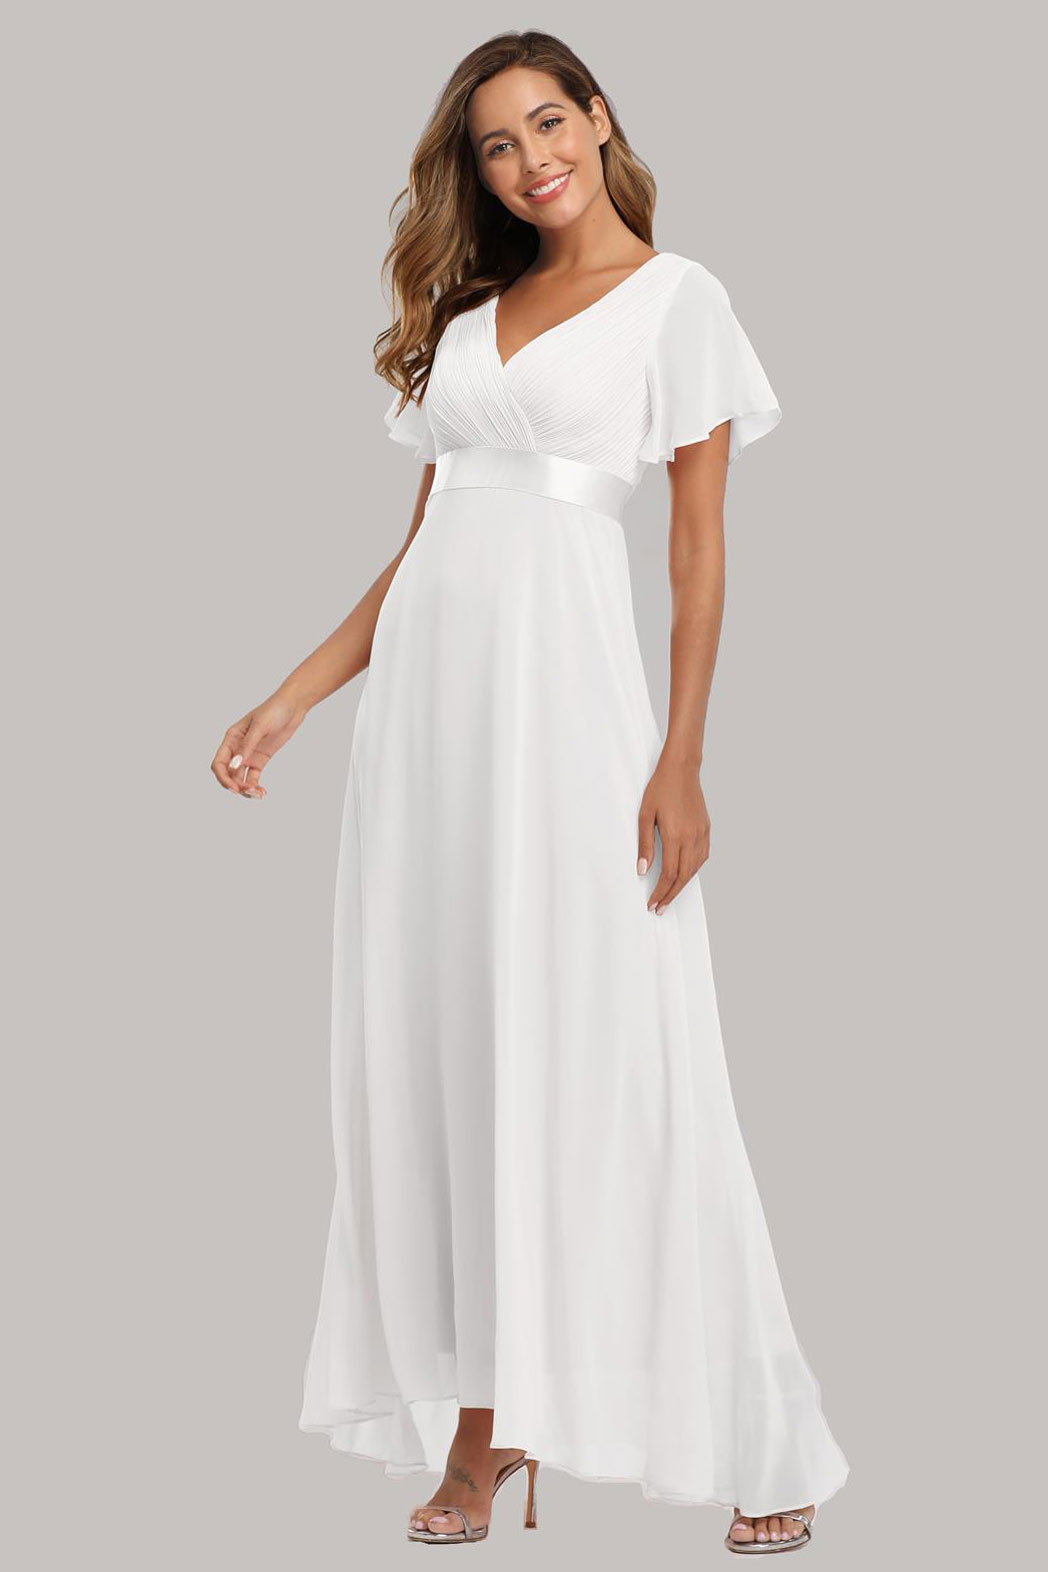 robe demoiselle d'honneur longue blanche simple encolure v à manche volant